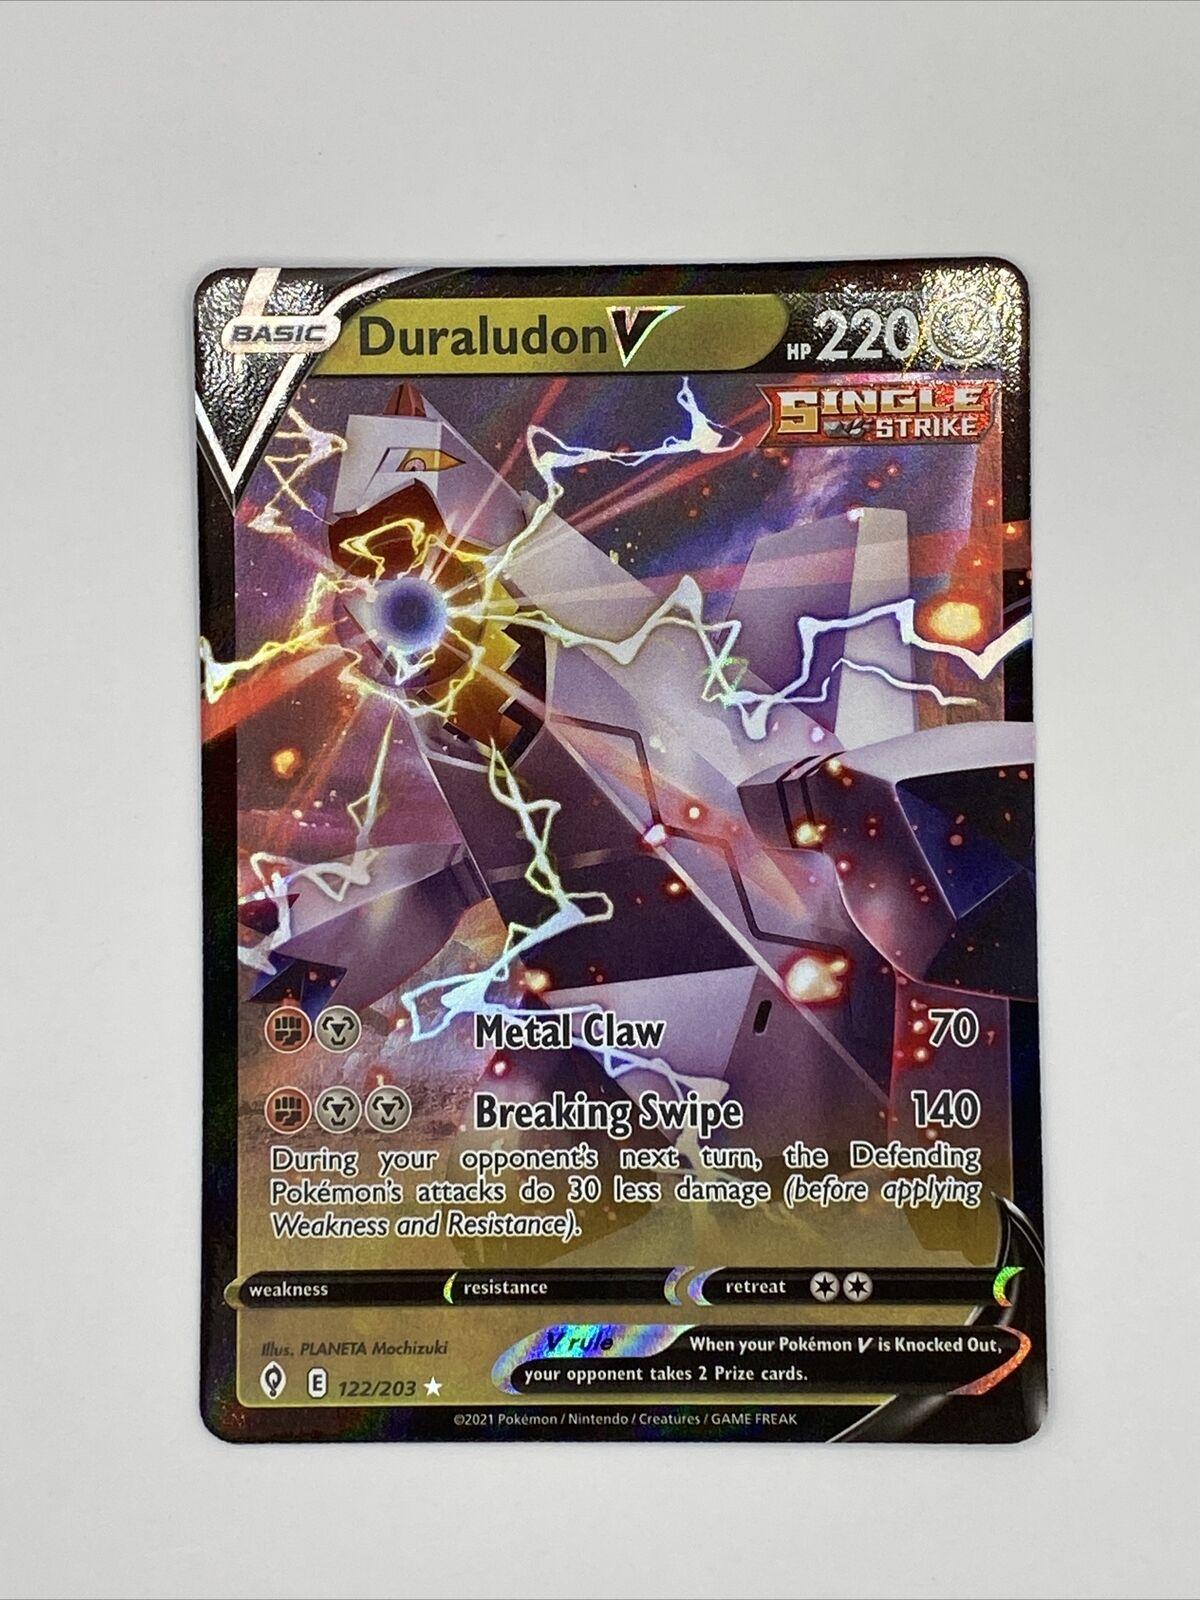 Duraludon V 122/203 Evolving Skies NM Full Art Ultra Rare Pokemon Card